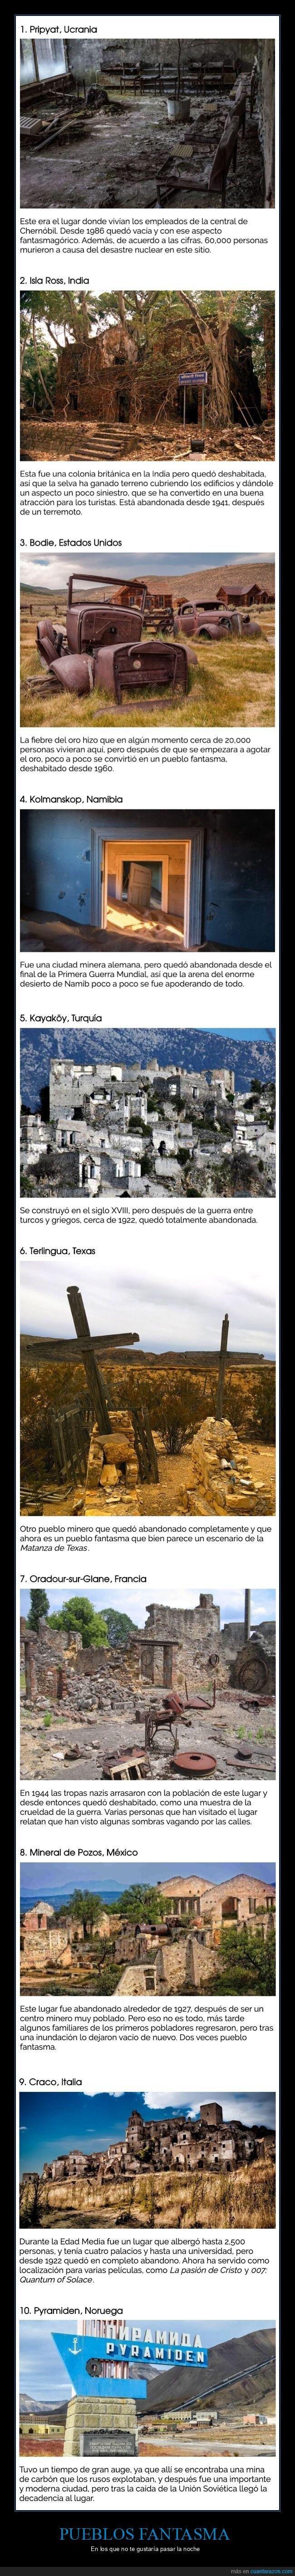 curiosidades,lugares abandonados,pueblos fantasma